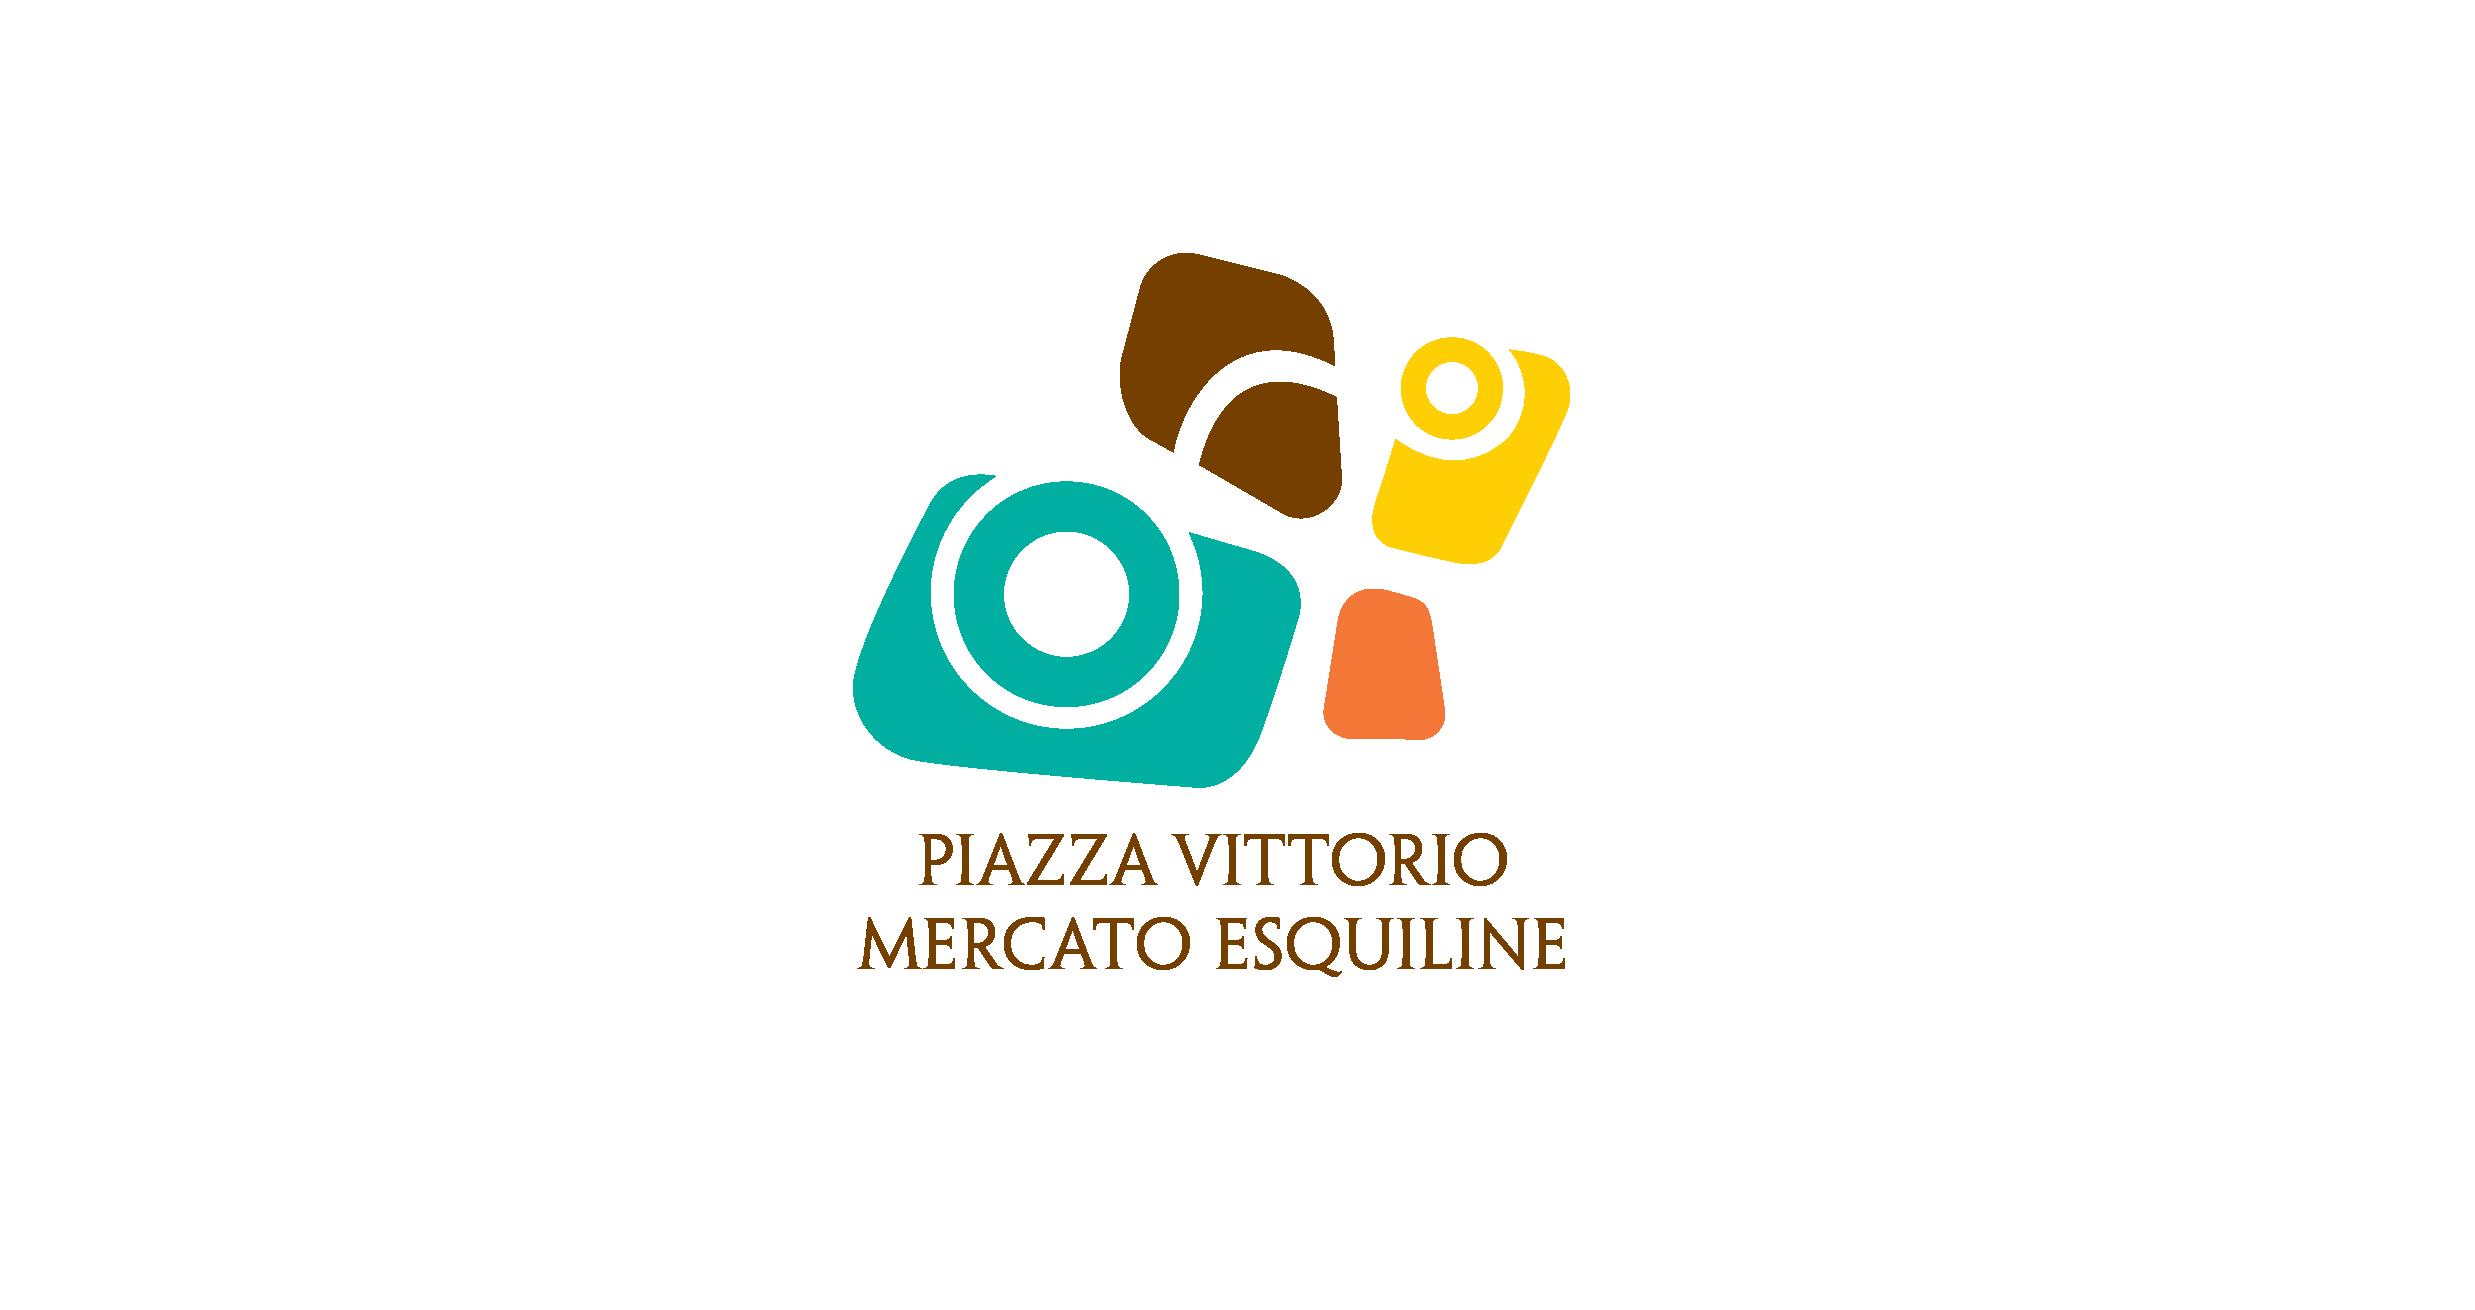 PiazzaVittorio_Logo_V2-01.png